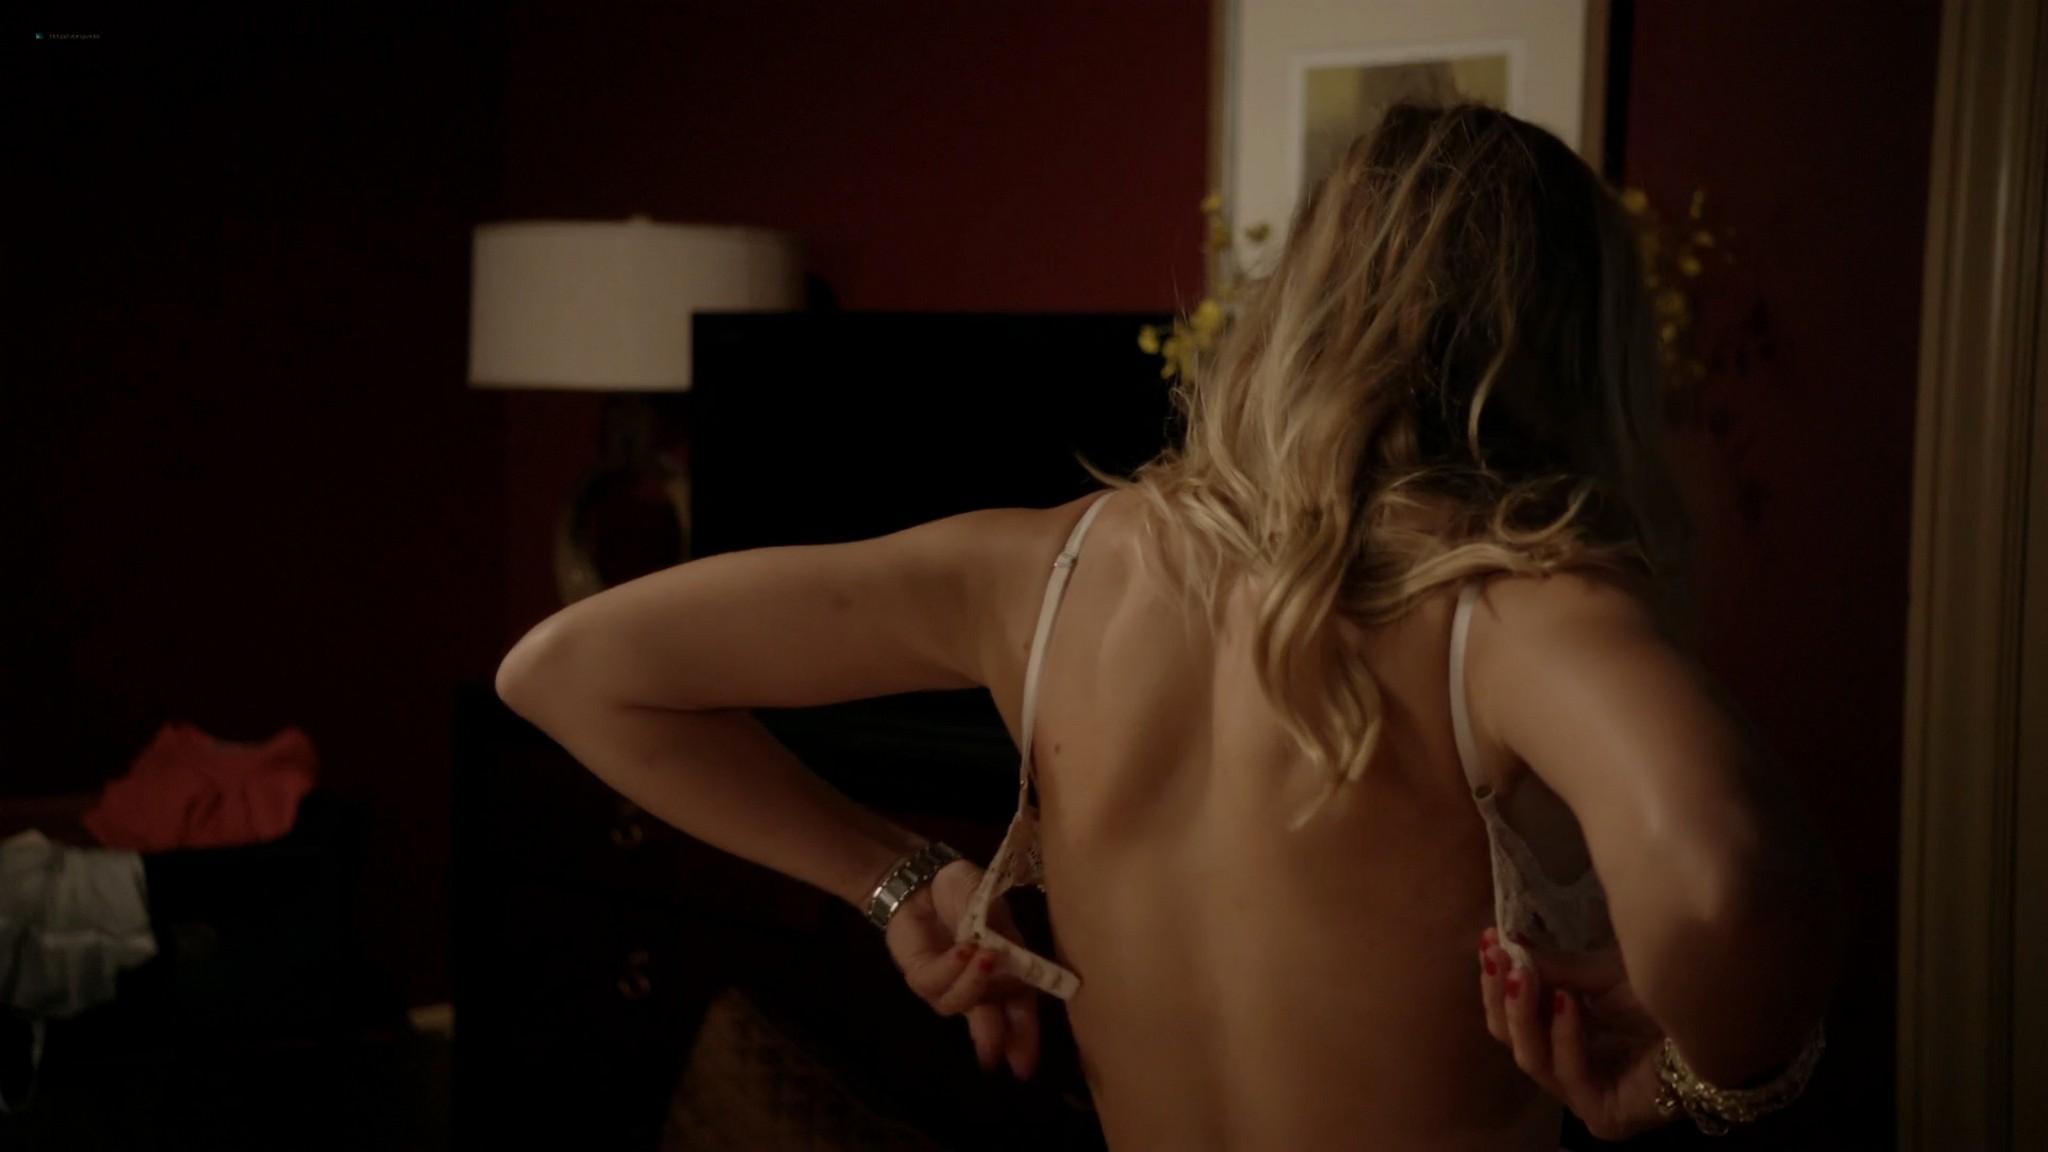 Kristen Bell hot sex Amy Landecker nude boobs House of Lies 2012 s1e3 4 1080p Web 7